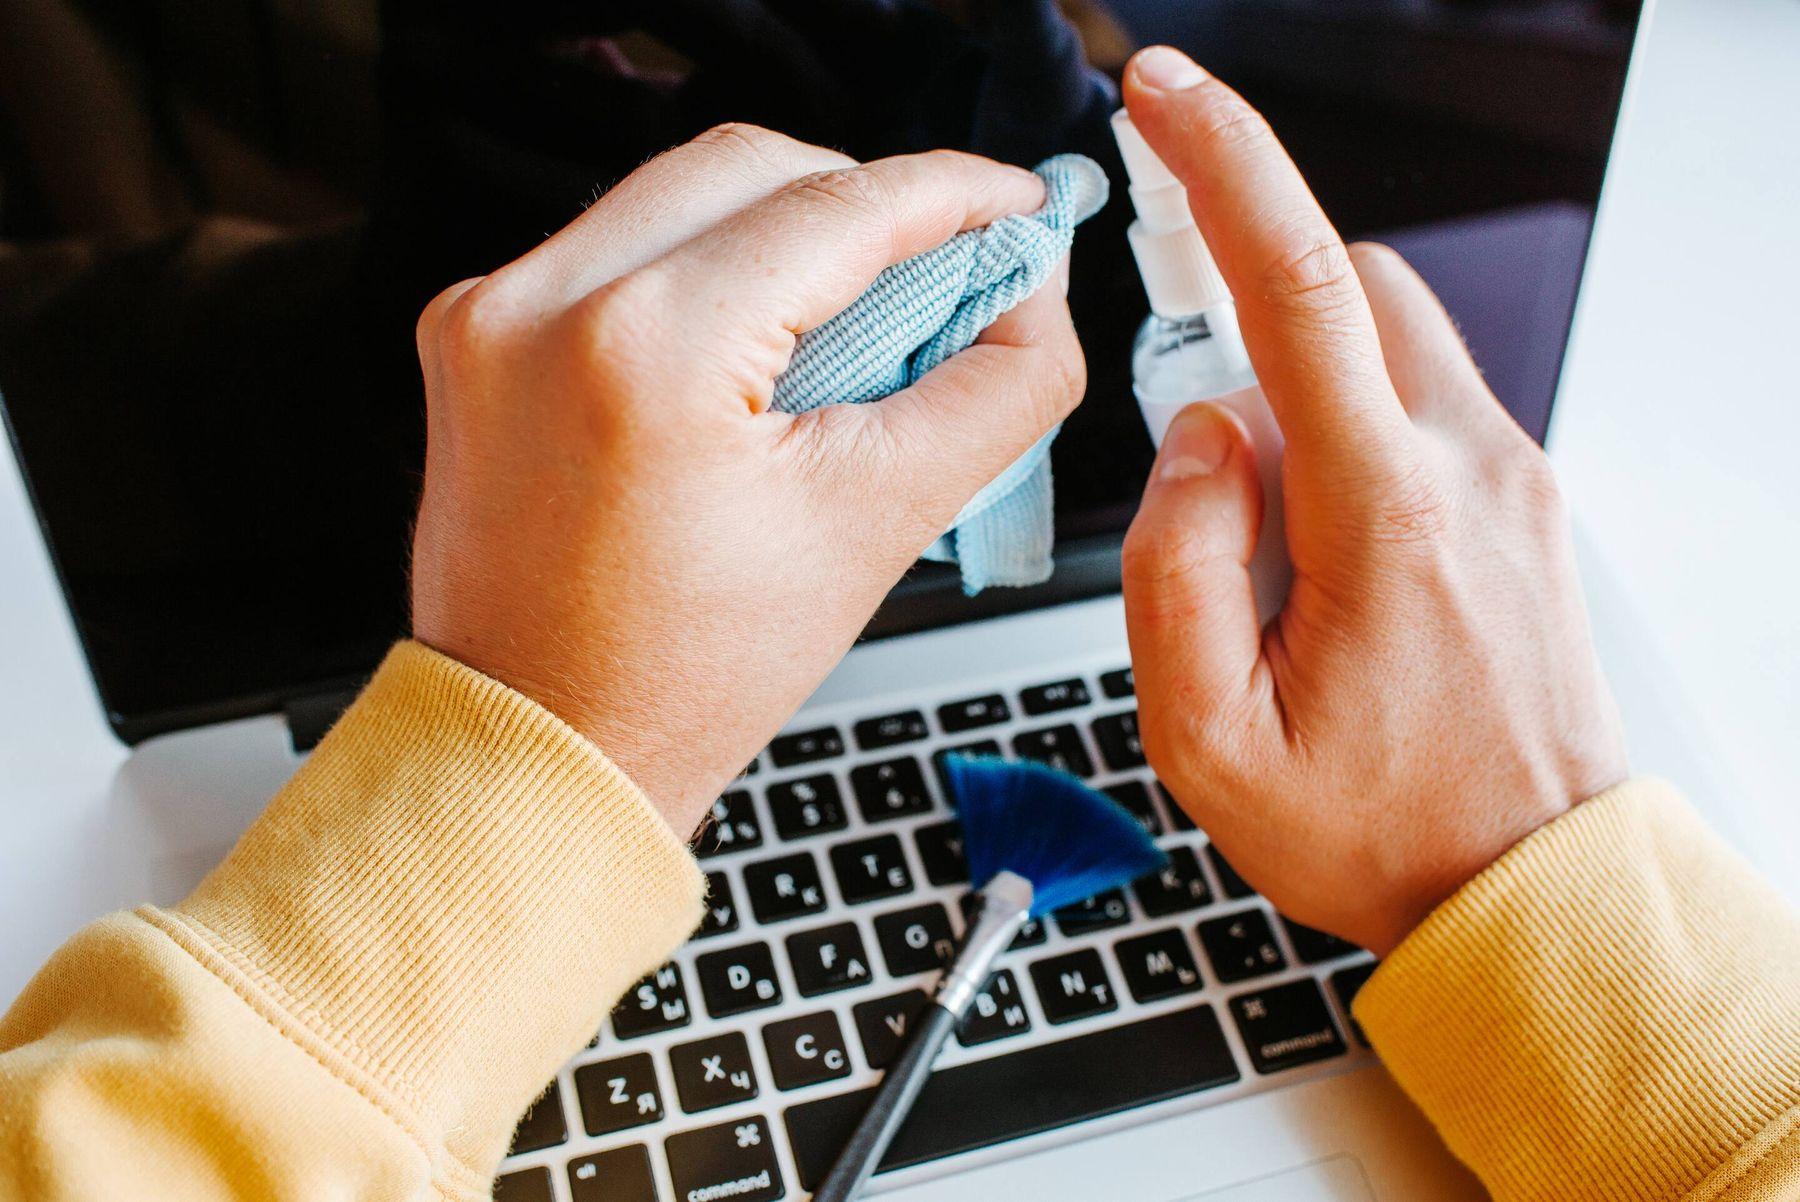 Cách vệ sinh màn hình laptop với dung dịch vệ sinh laptop và khăn lau microfiber